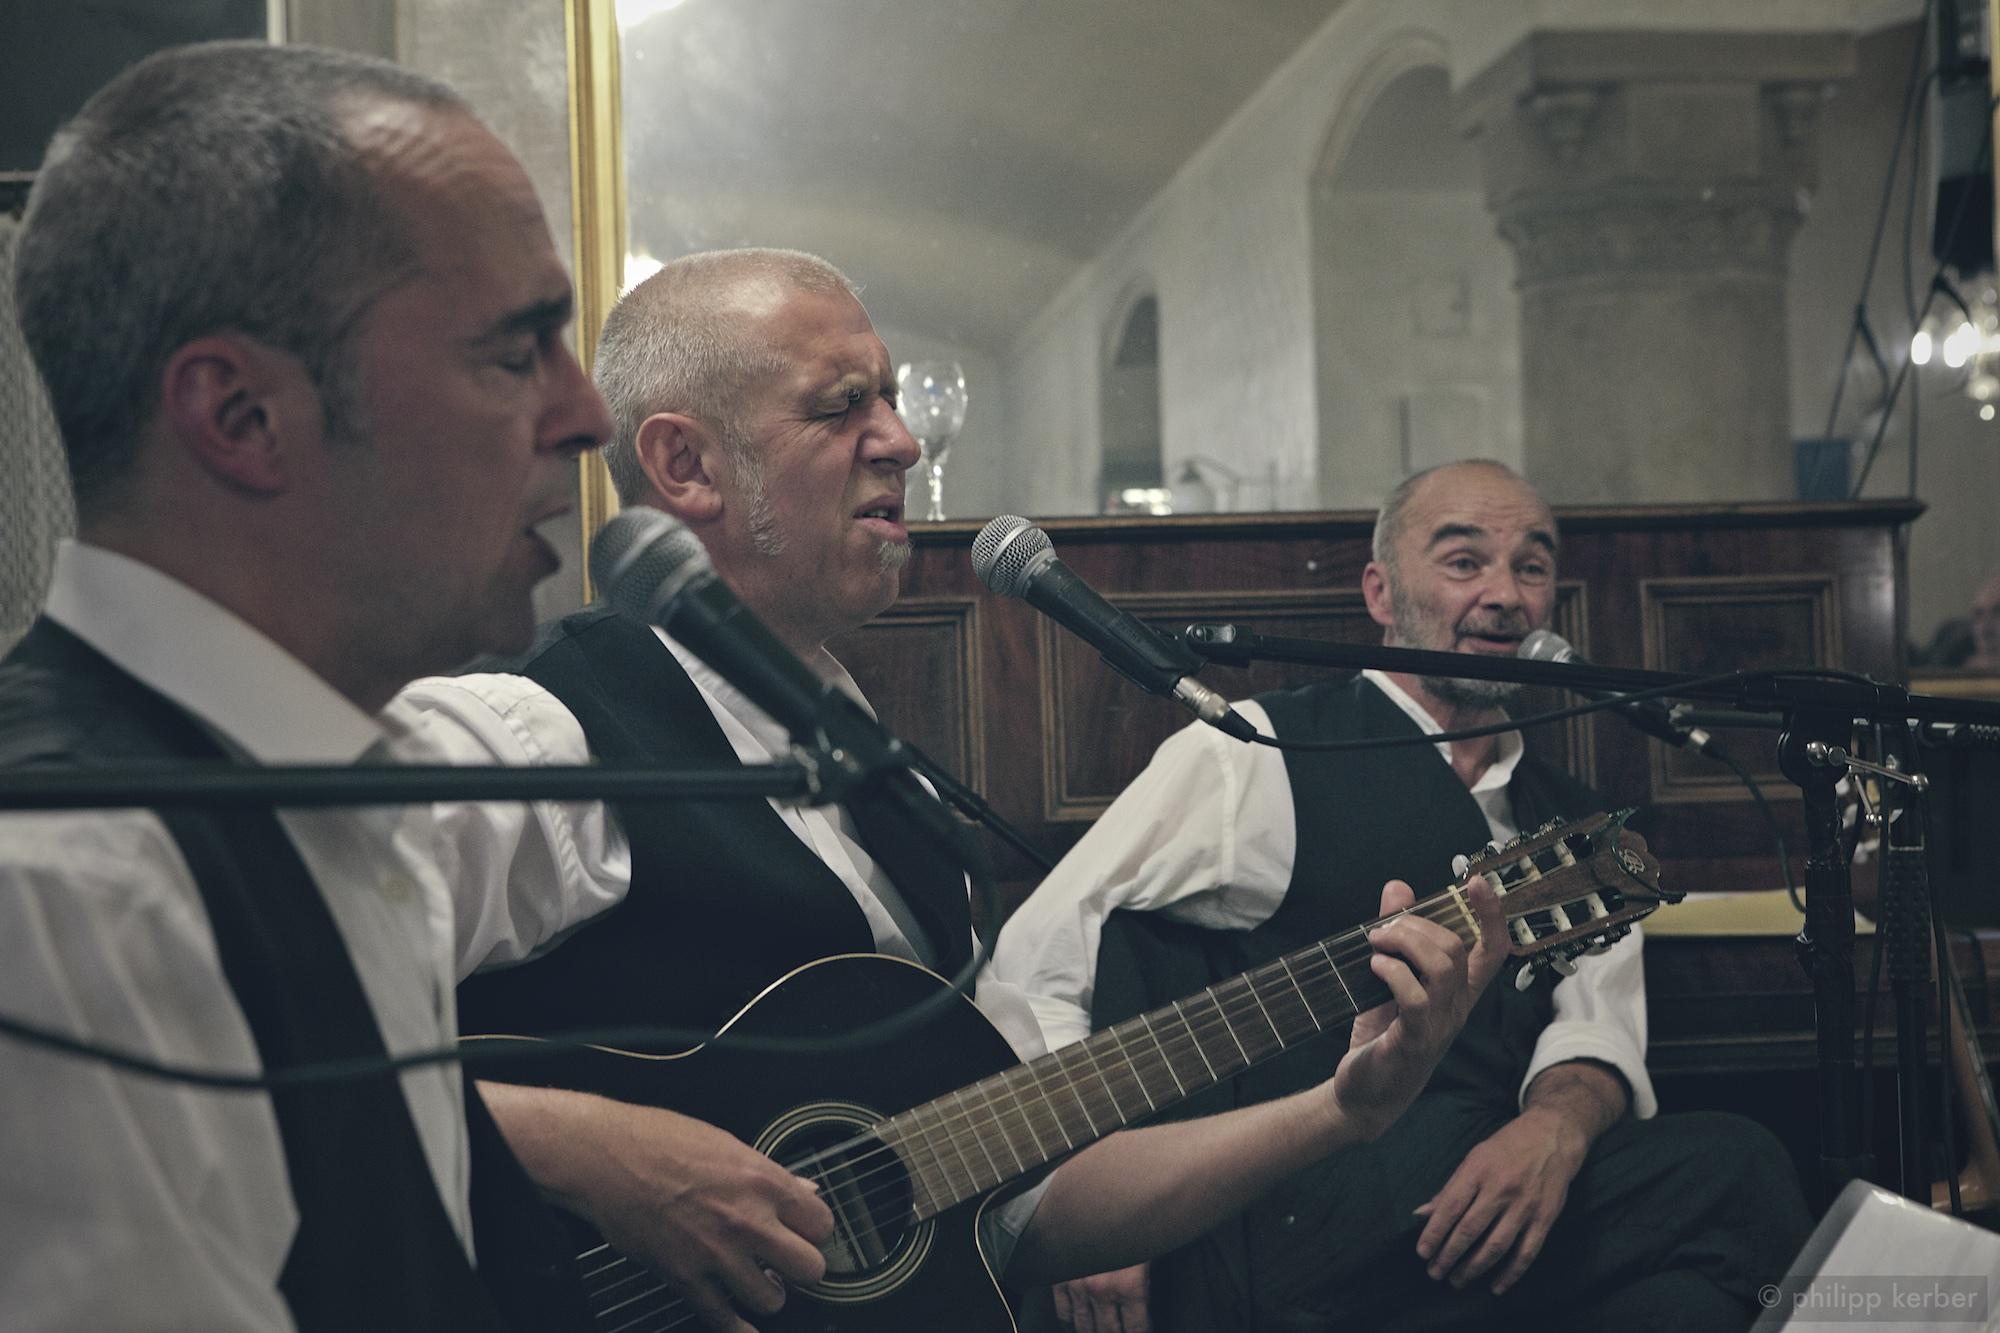 Einedrahn-Geburtstag_Trio-Lepschi_02_PKerber